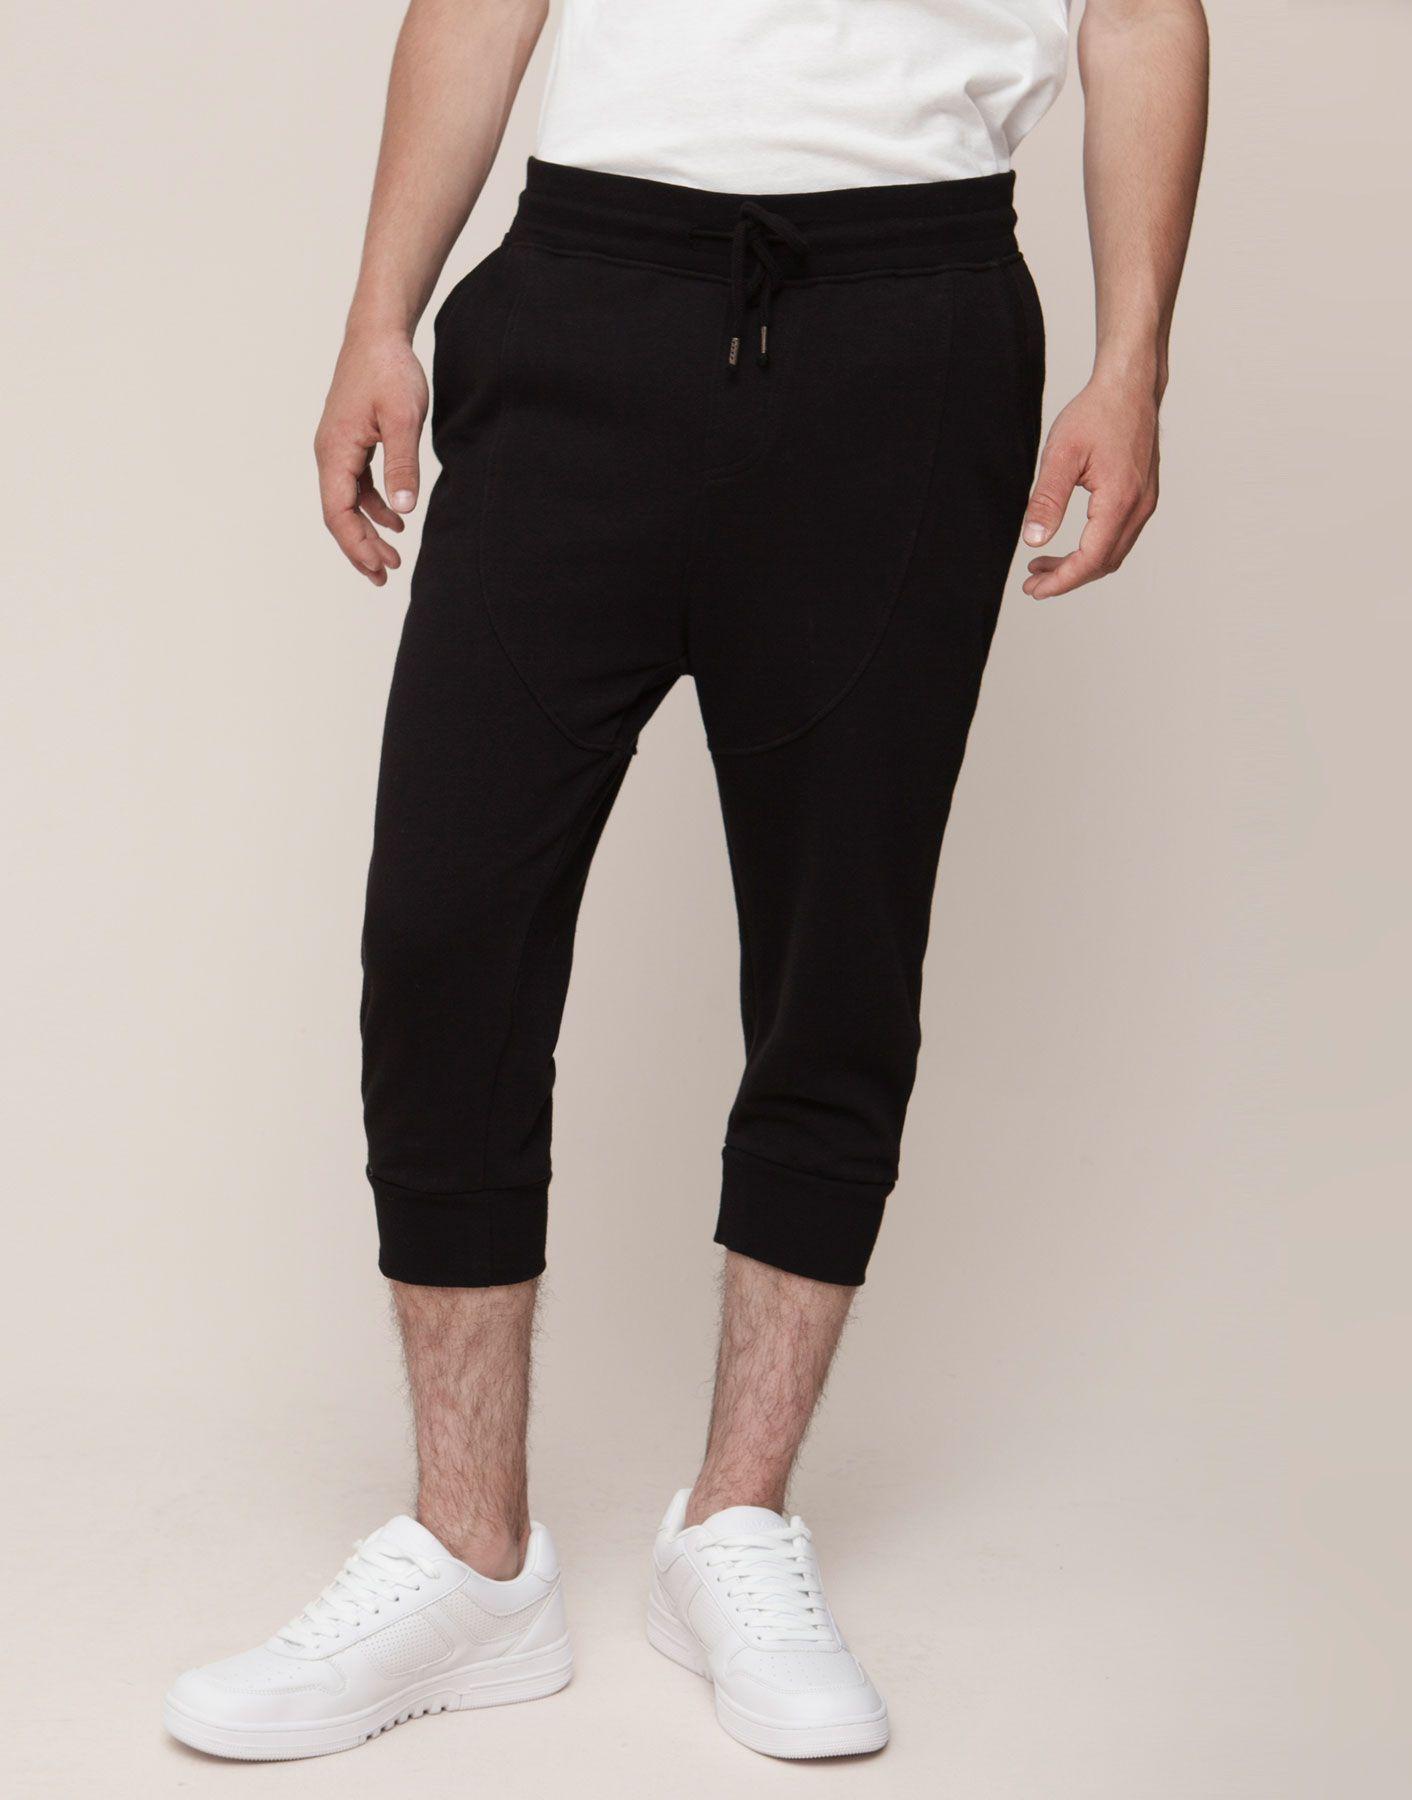 Pantalon Jogging Pantalones Jogging Hombre Pull Bear Espana Pantalon Jogging Hombre Pantalon Jogging Jogging Hombre